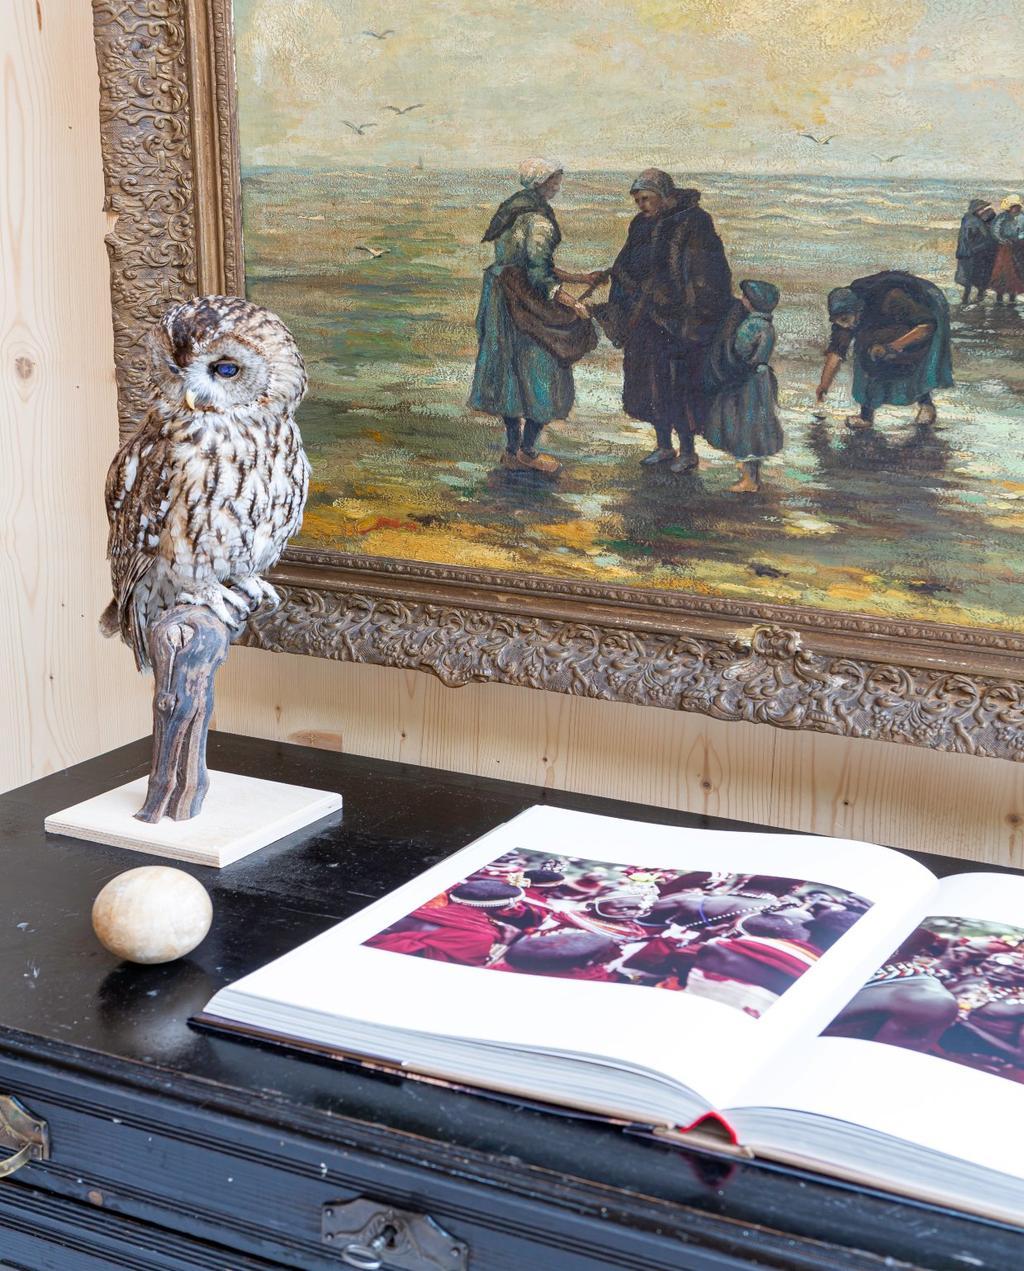 vtwonen 08-2020 | binnenkijken Barchem opgezette uil met boek